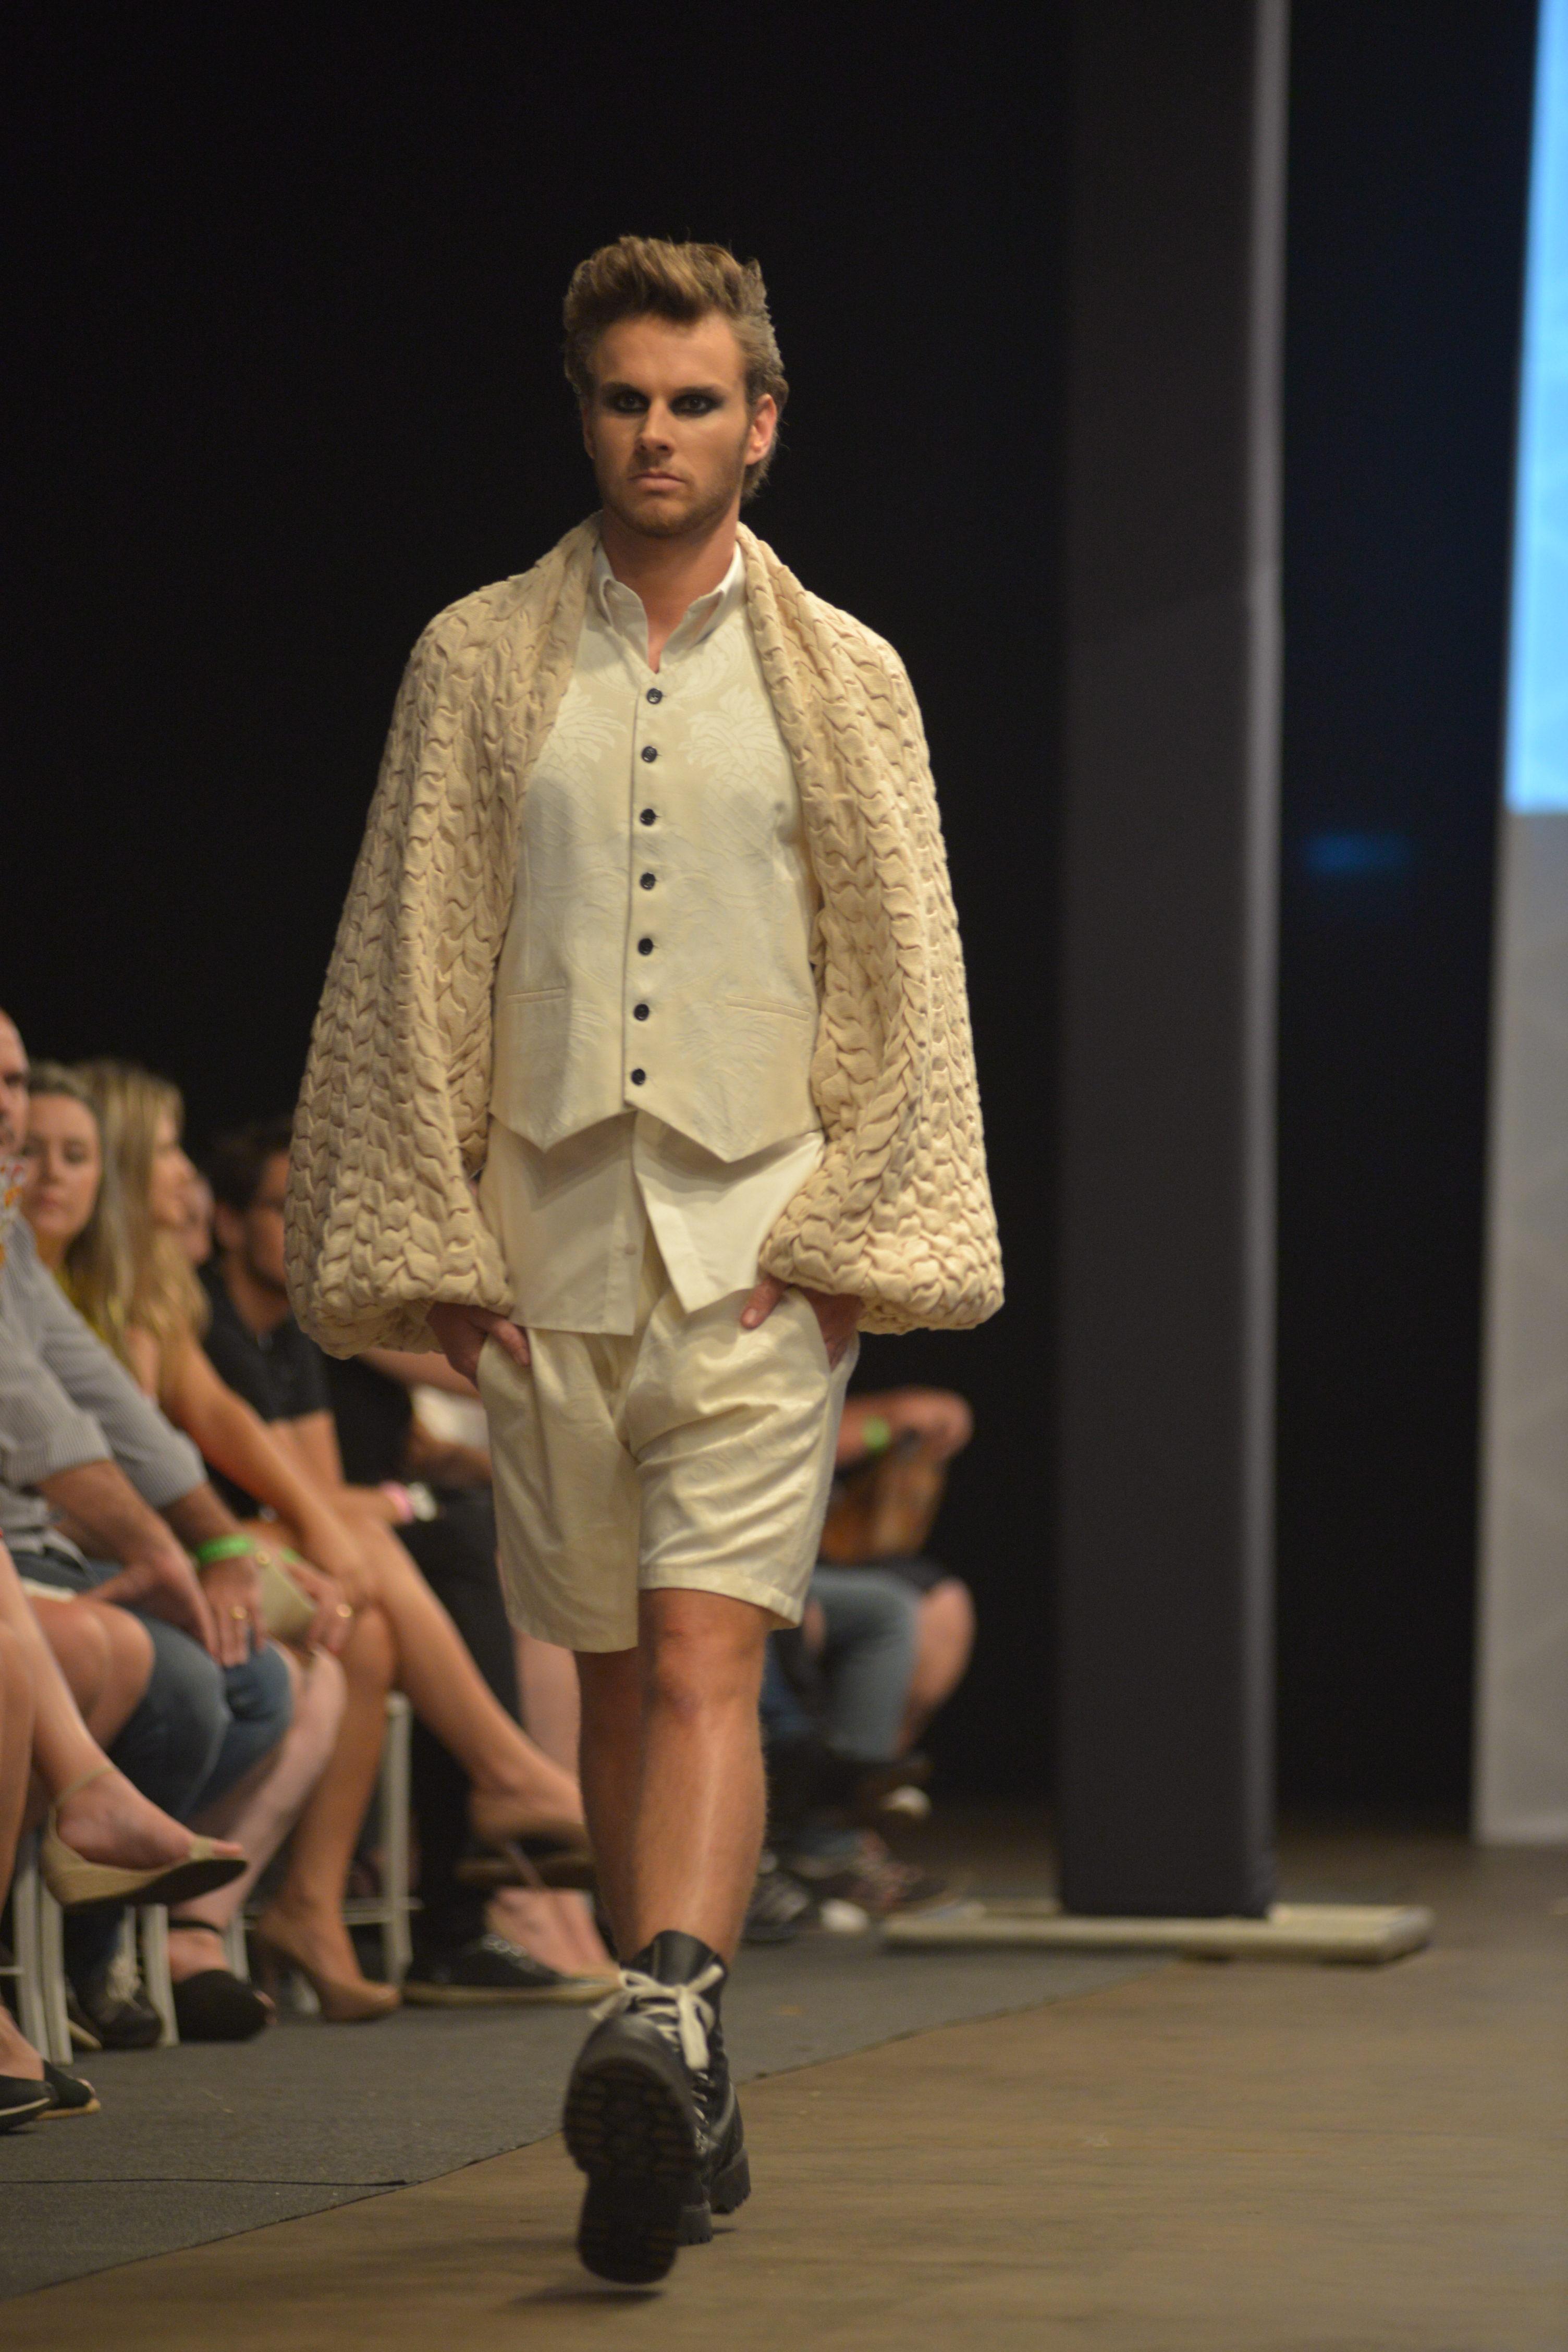 joao-pimenta-colecao-joao-pimenta-inverno-2017-moda-masculina-menswear-blog-de-moda-blogger-ifa-interior-fashion-arts-mens-13